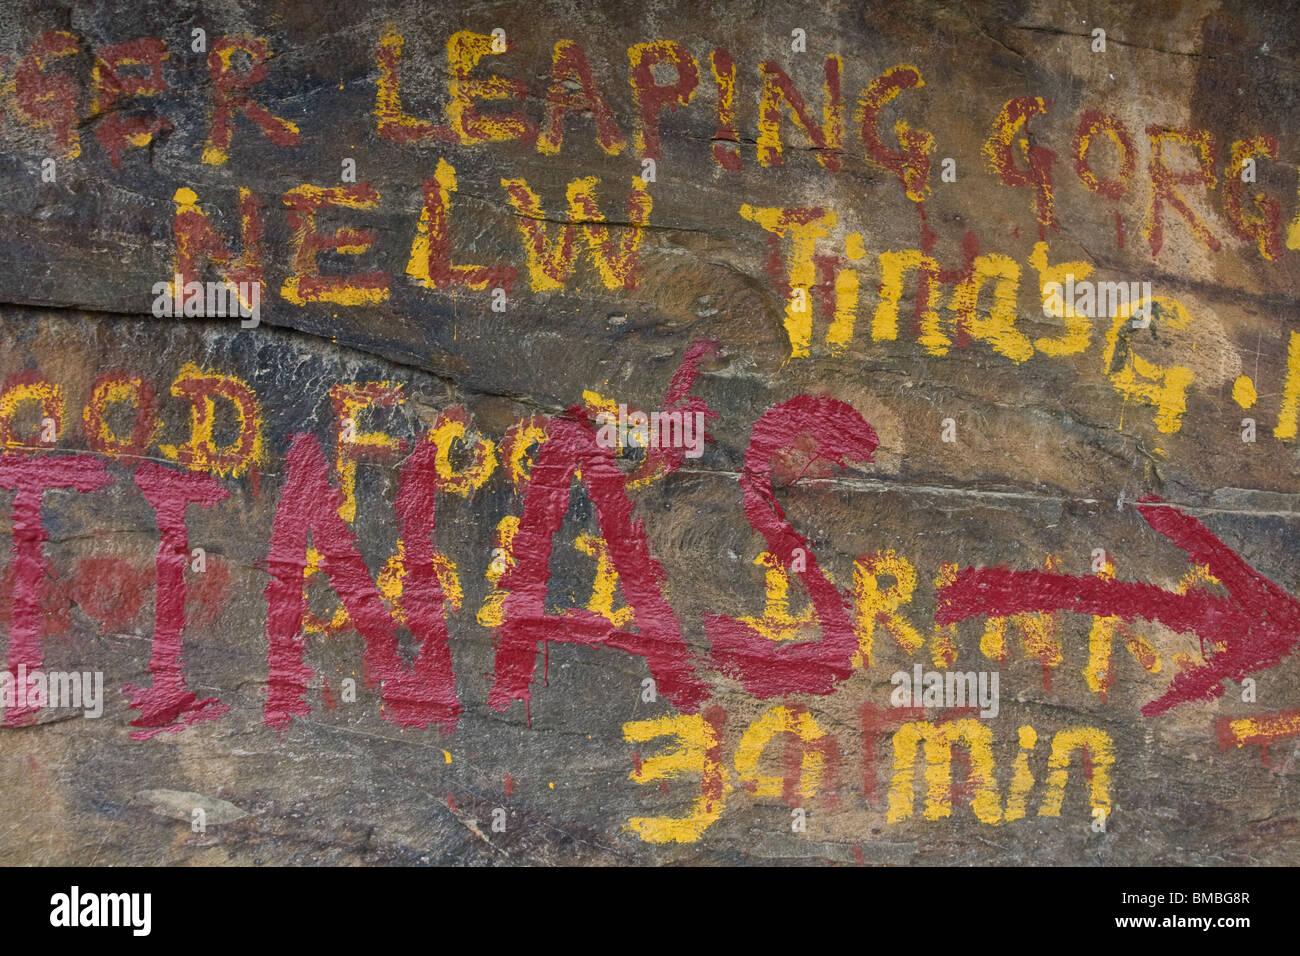 Escritura a mano sobre la roca de mostrar el camino a un backpacker's Guest House en TLG trek en Yunnan, China Imagen De Stock